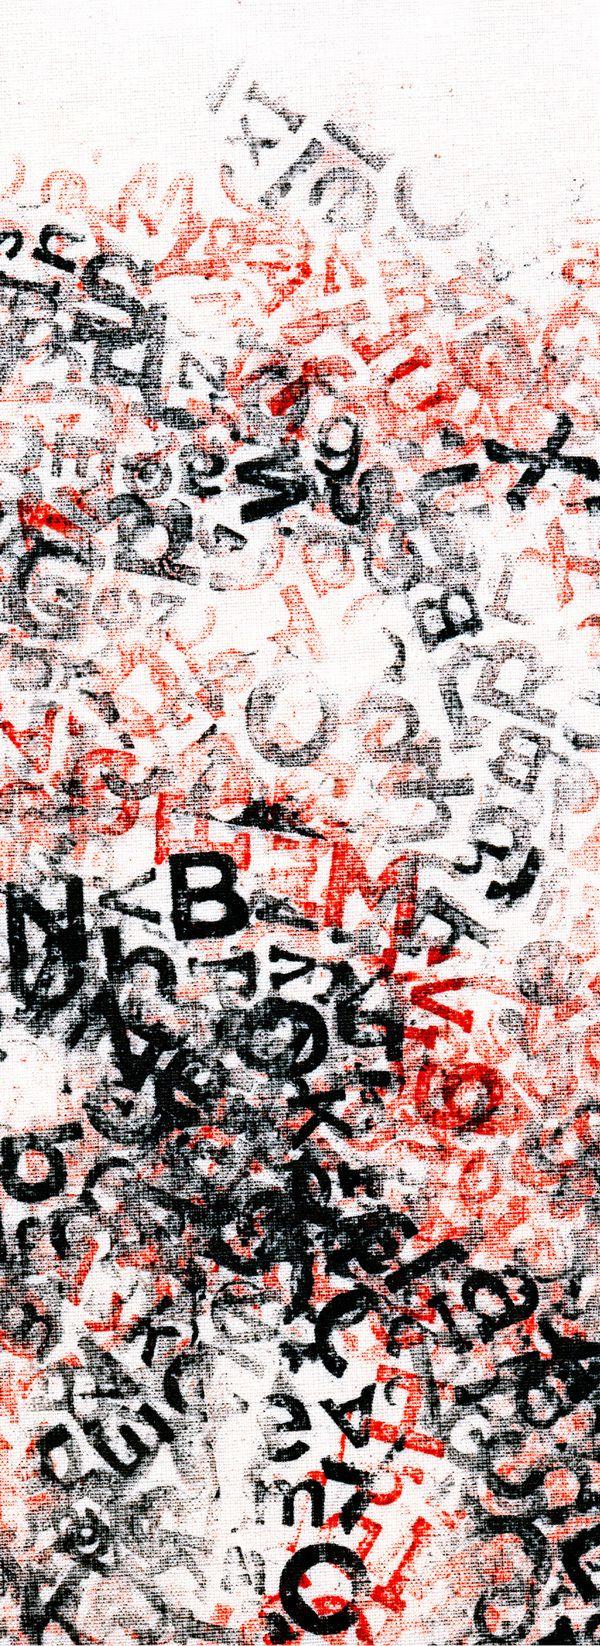 Text as art